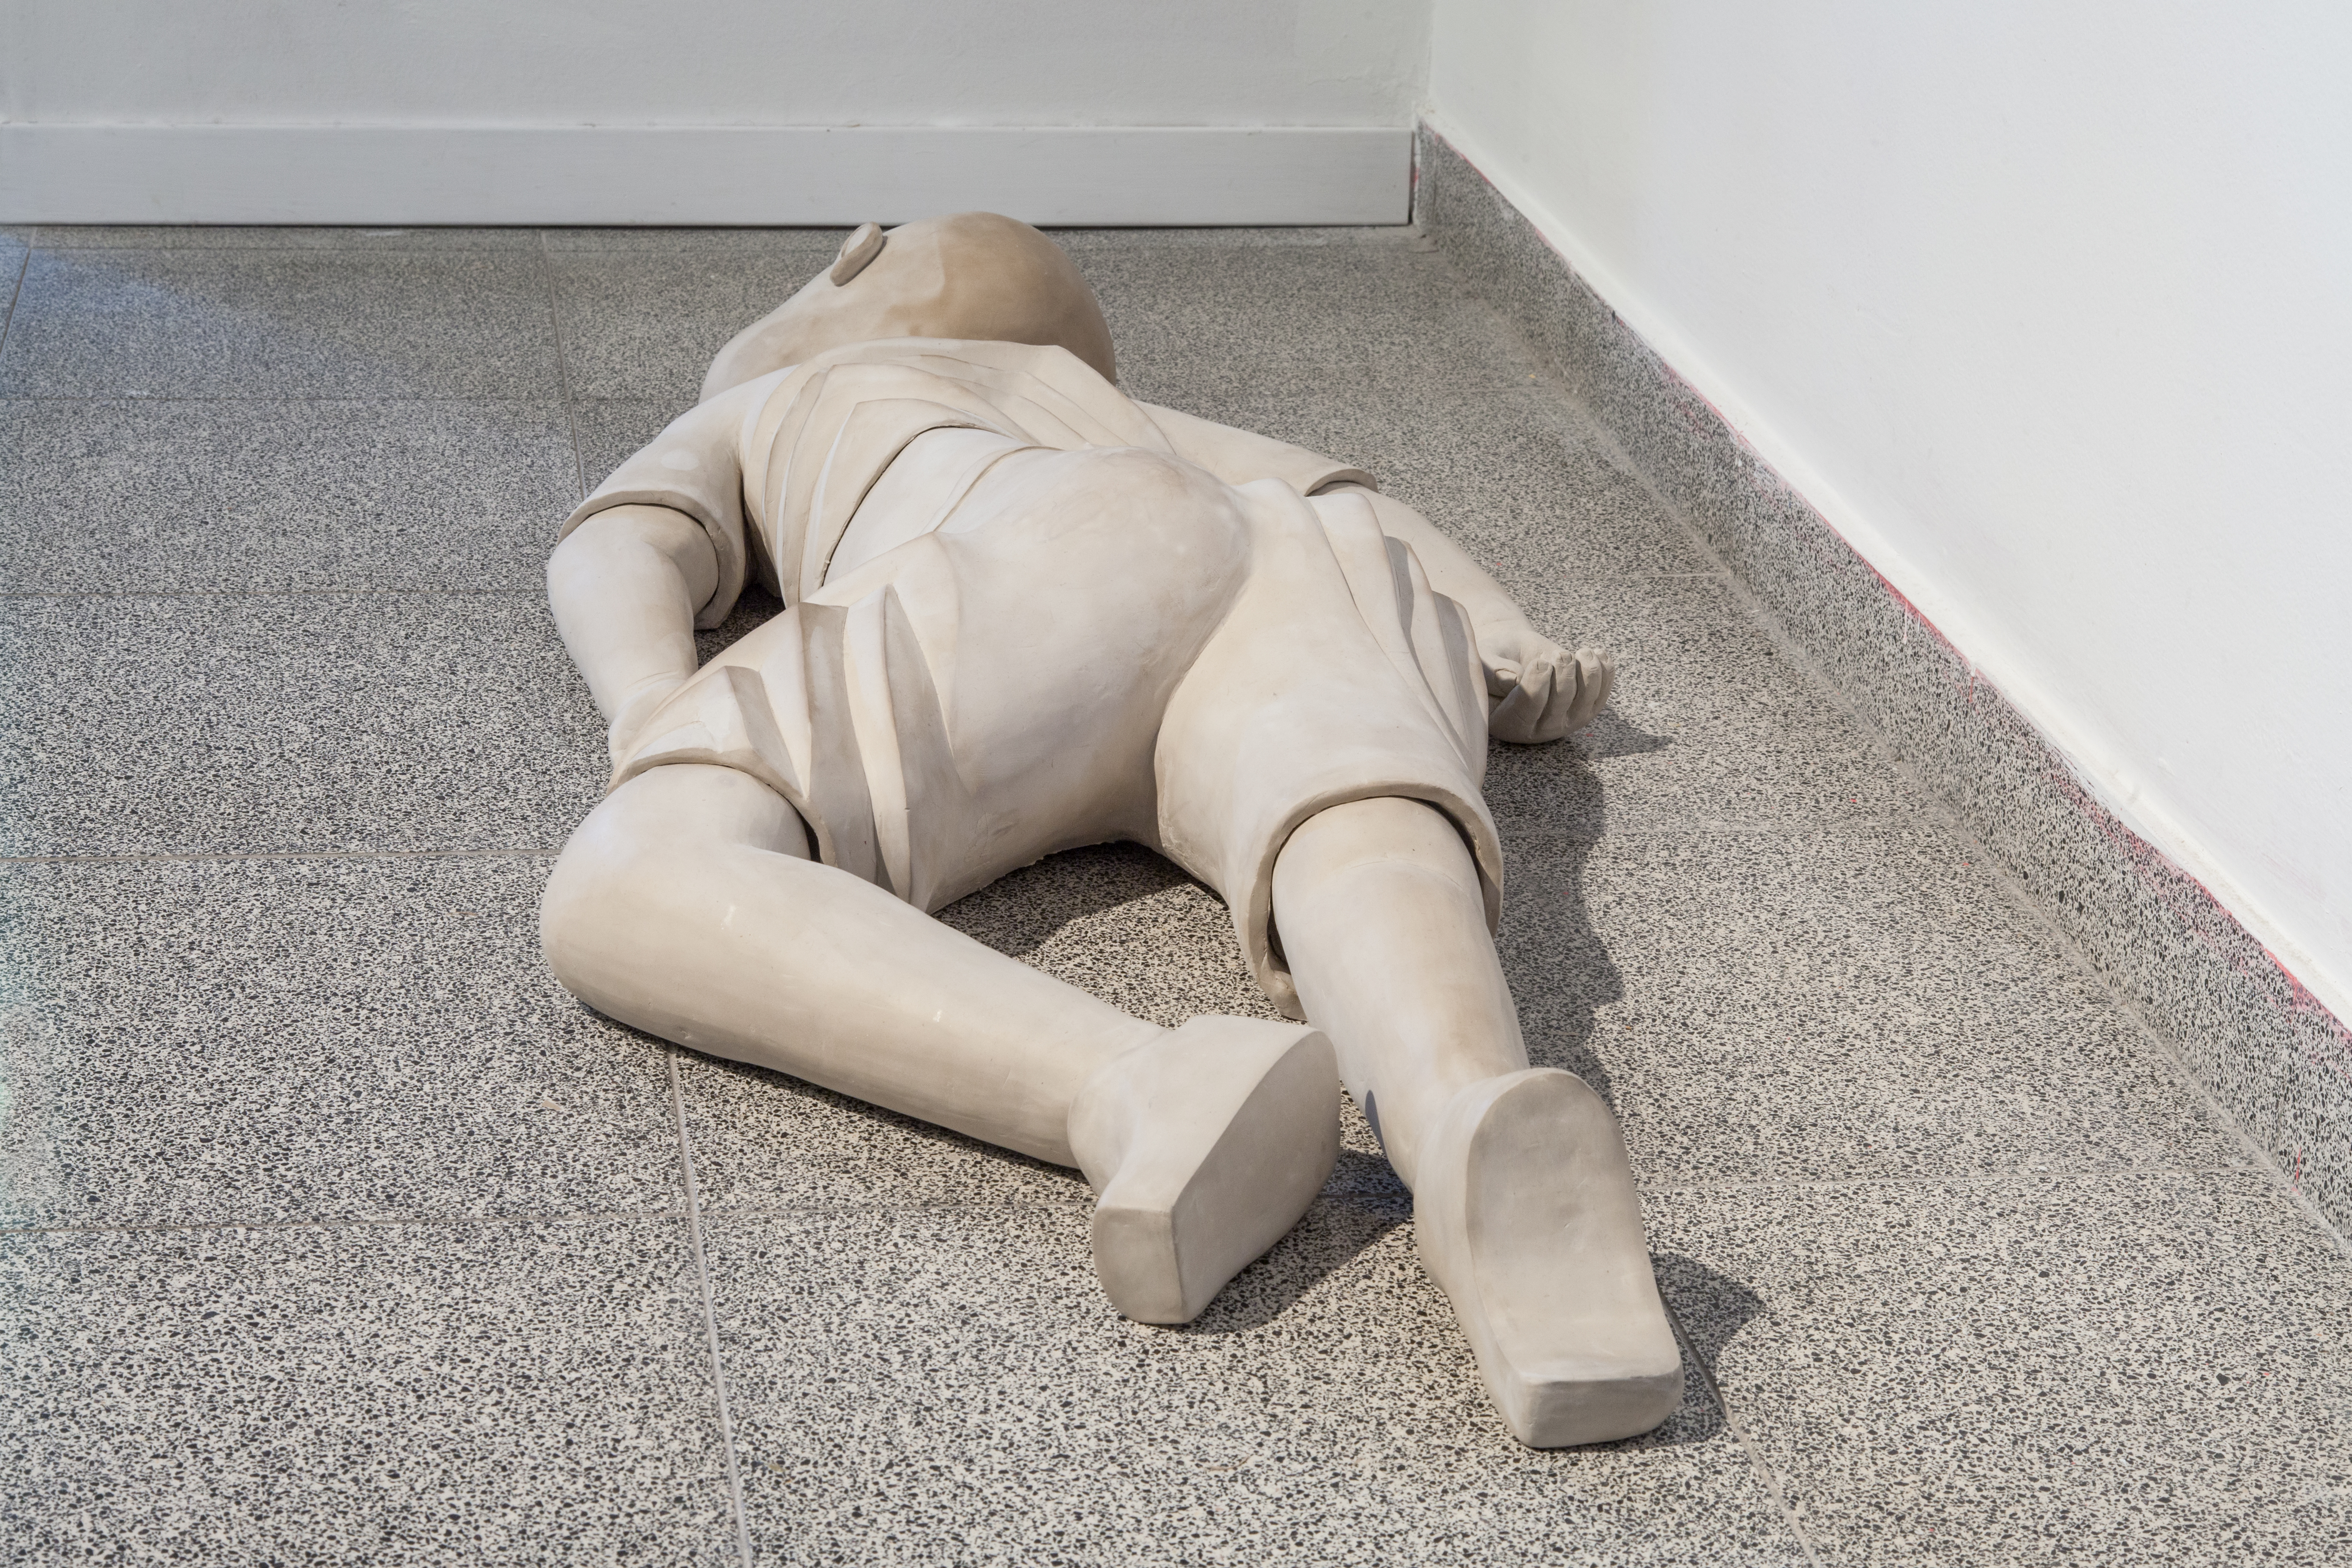 הילד, ,תערוכה: חדר מילוט